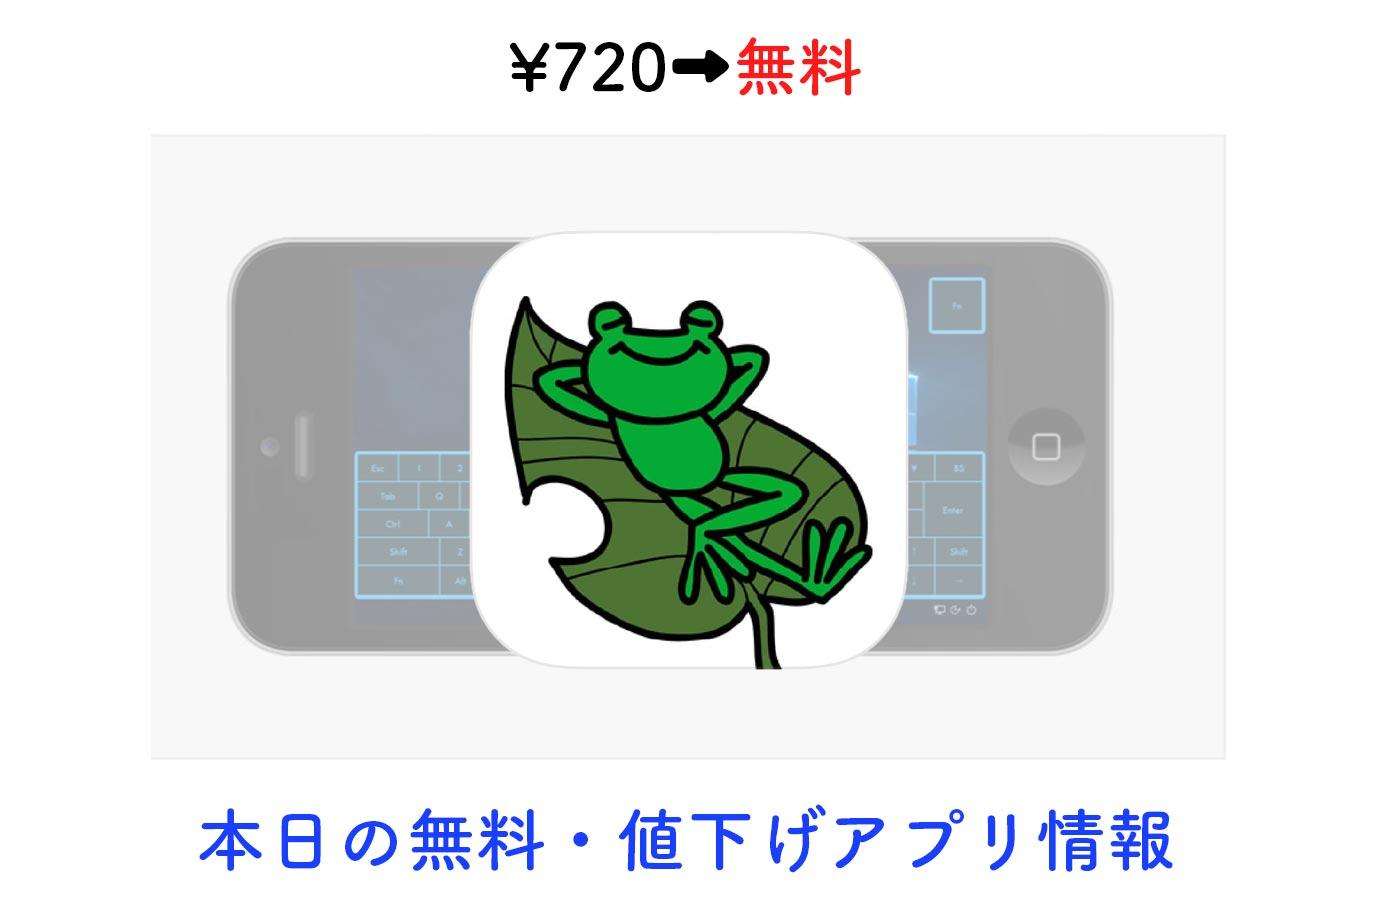 ¥720→無料、iPad・iPhoneでPCを操作できる「KeroRemote」など【10/6】本日の無料・値下げアプリ情報